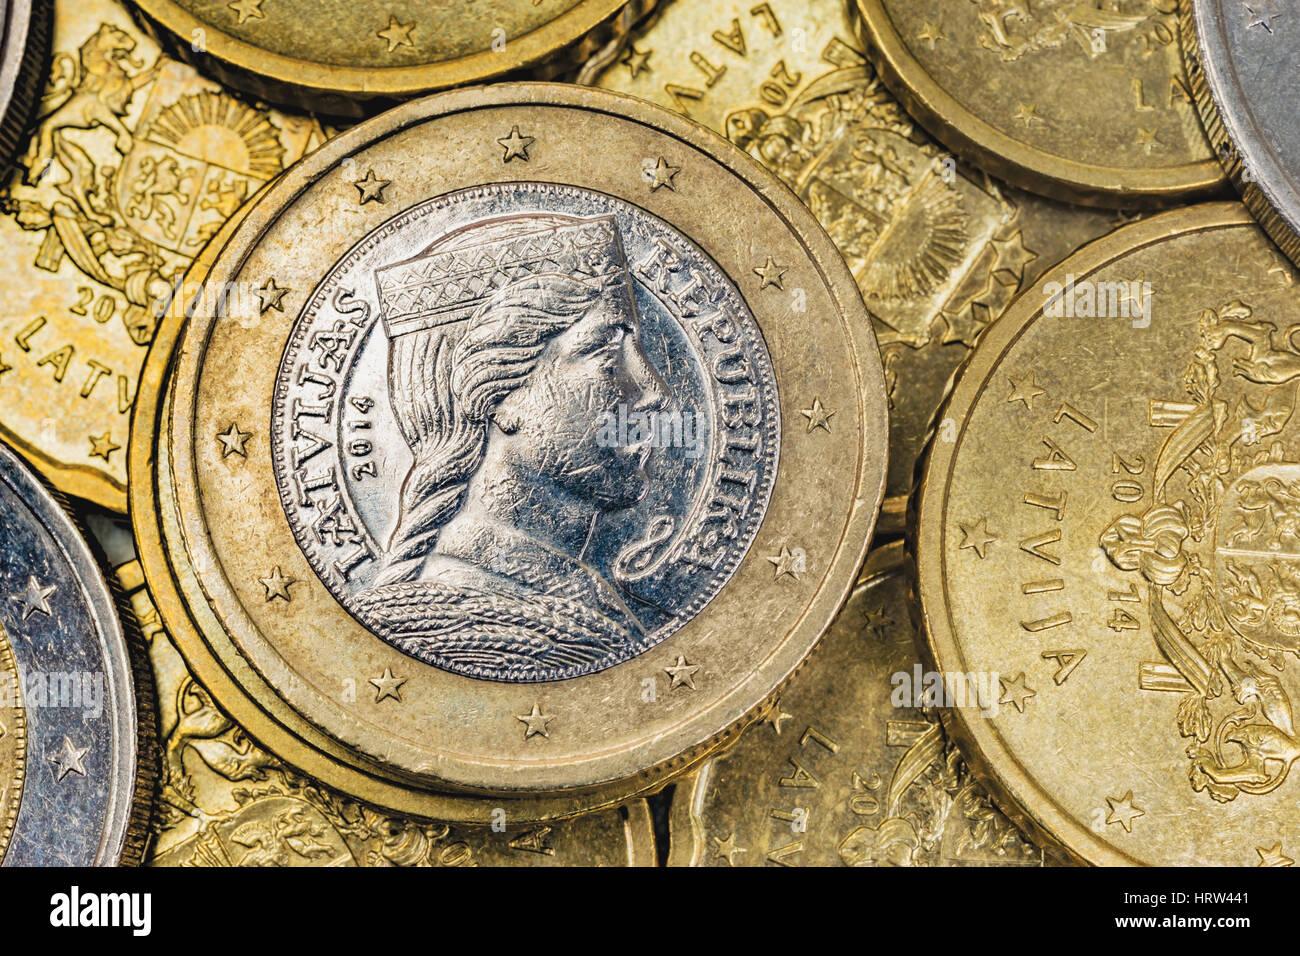 Viele Euro Münzen Aus Lettland An Der Spitze Ist Eine 1 Euro Münze